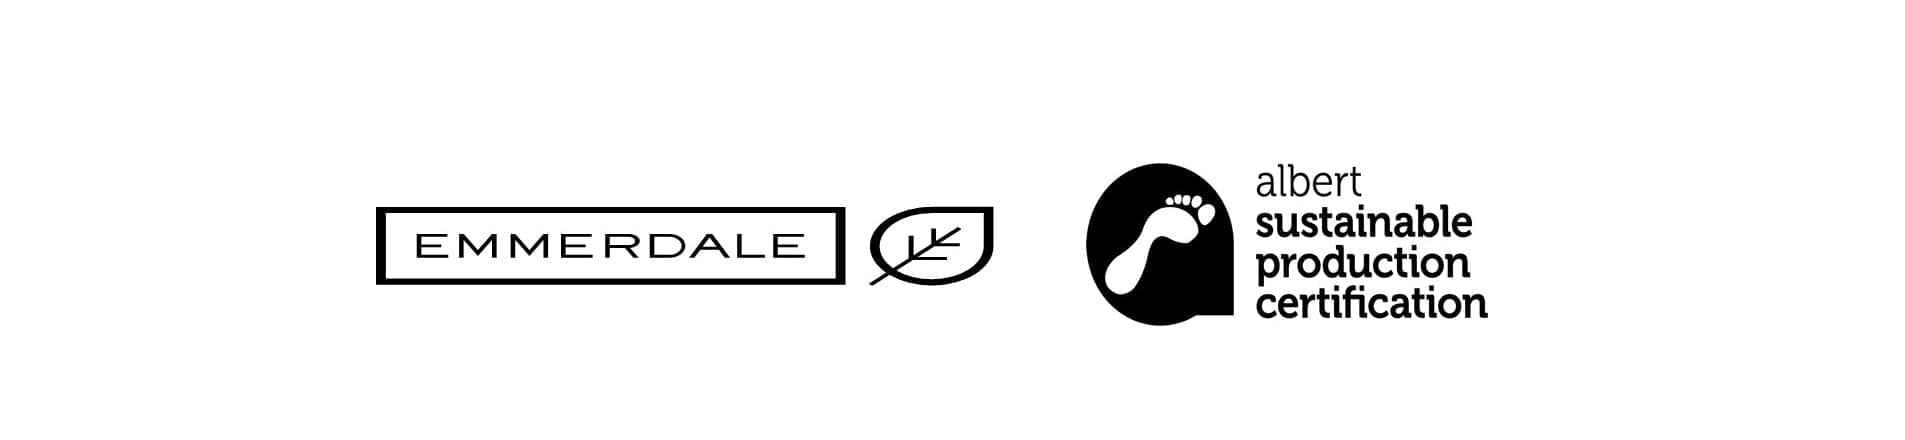 Image of Emmerdale logo